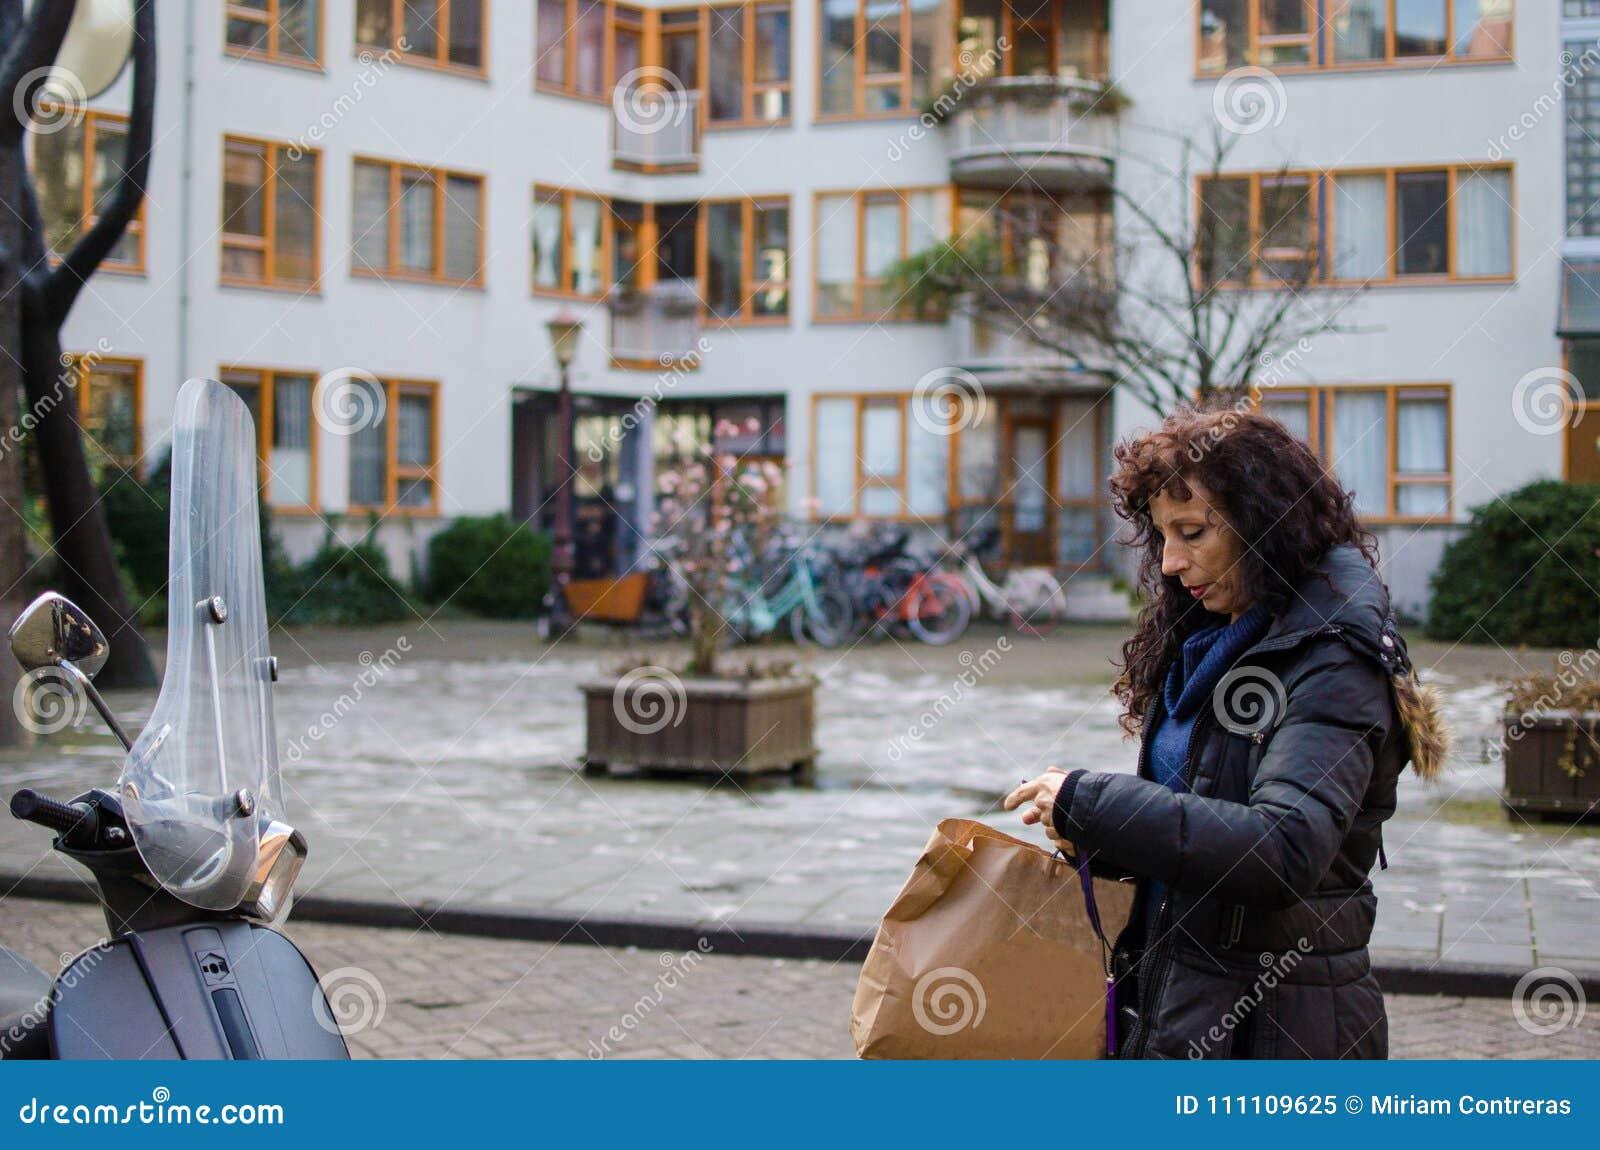 Fotografie einer Frau in den Straßen von Amsterdam